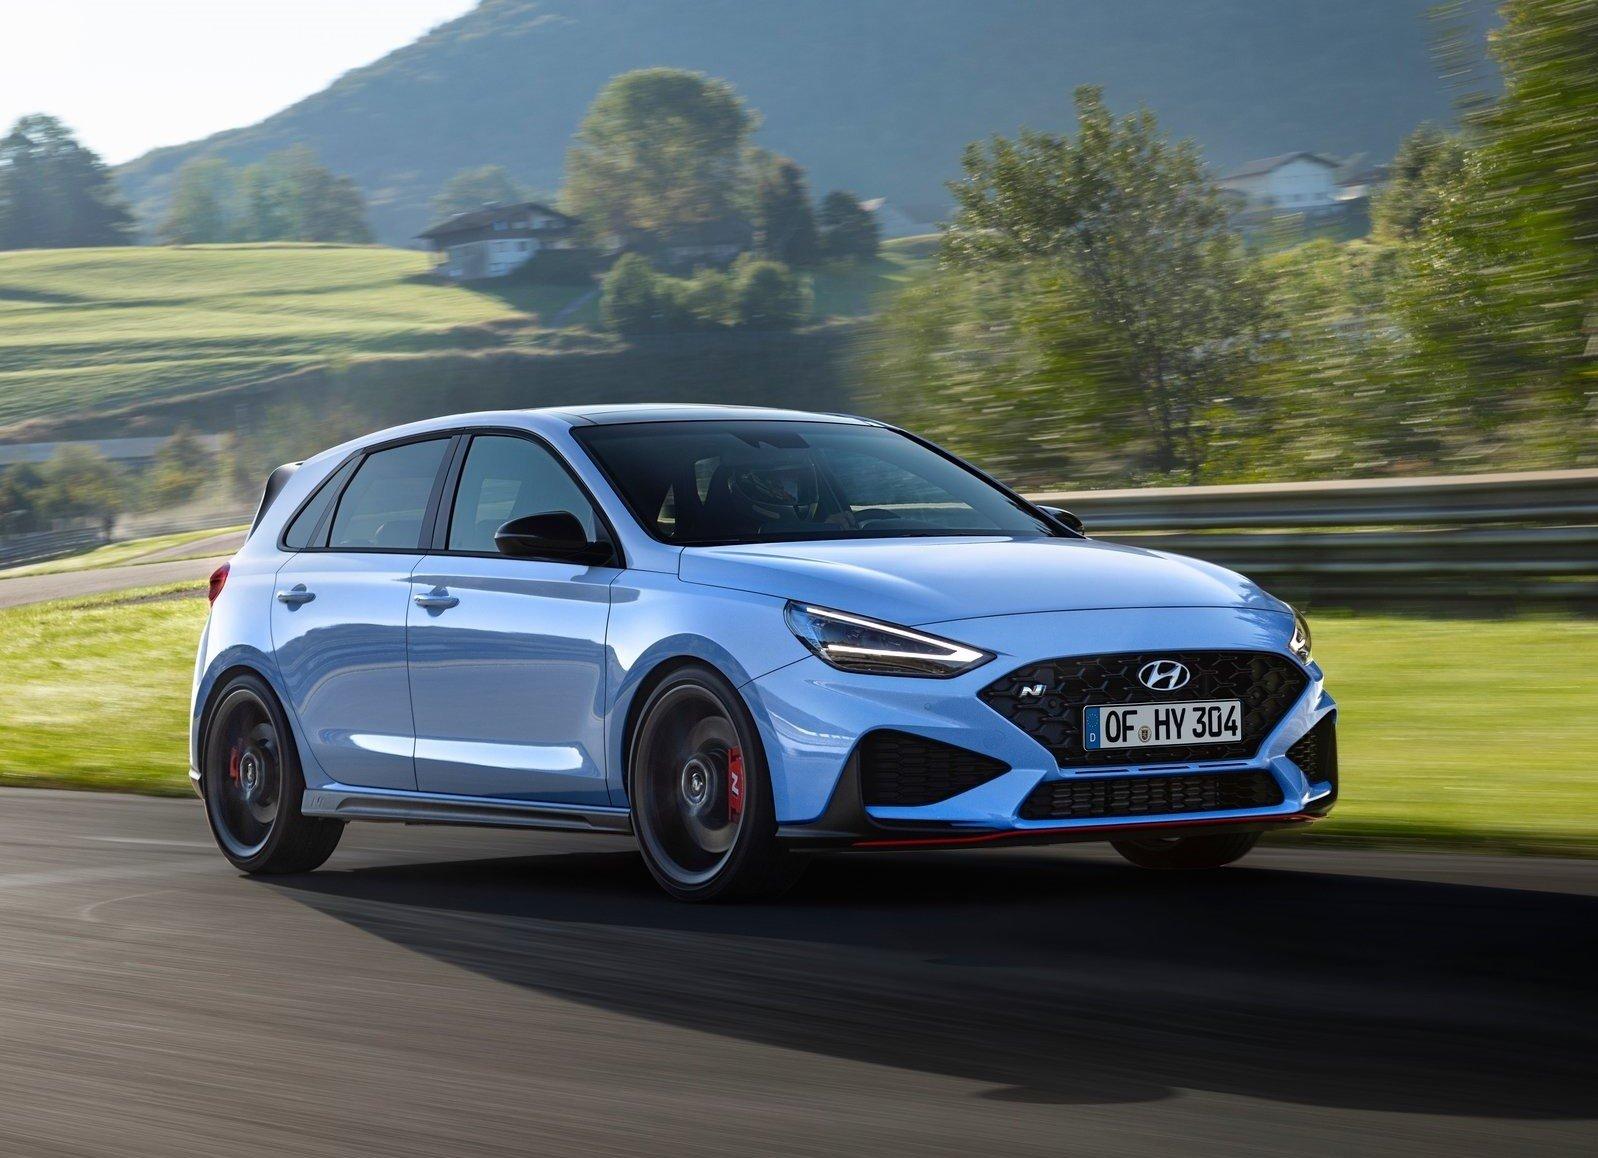 Обновлённый Hyundai i30 N стал мощнее и получил ещё одну трансмиссию